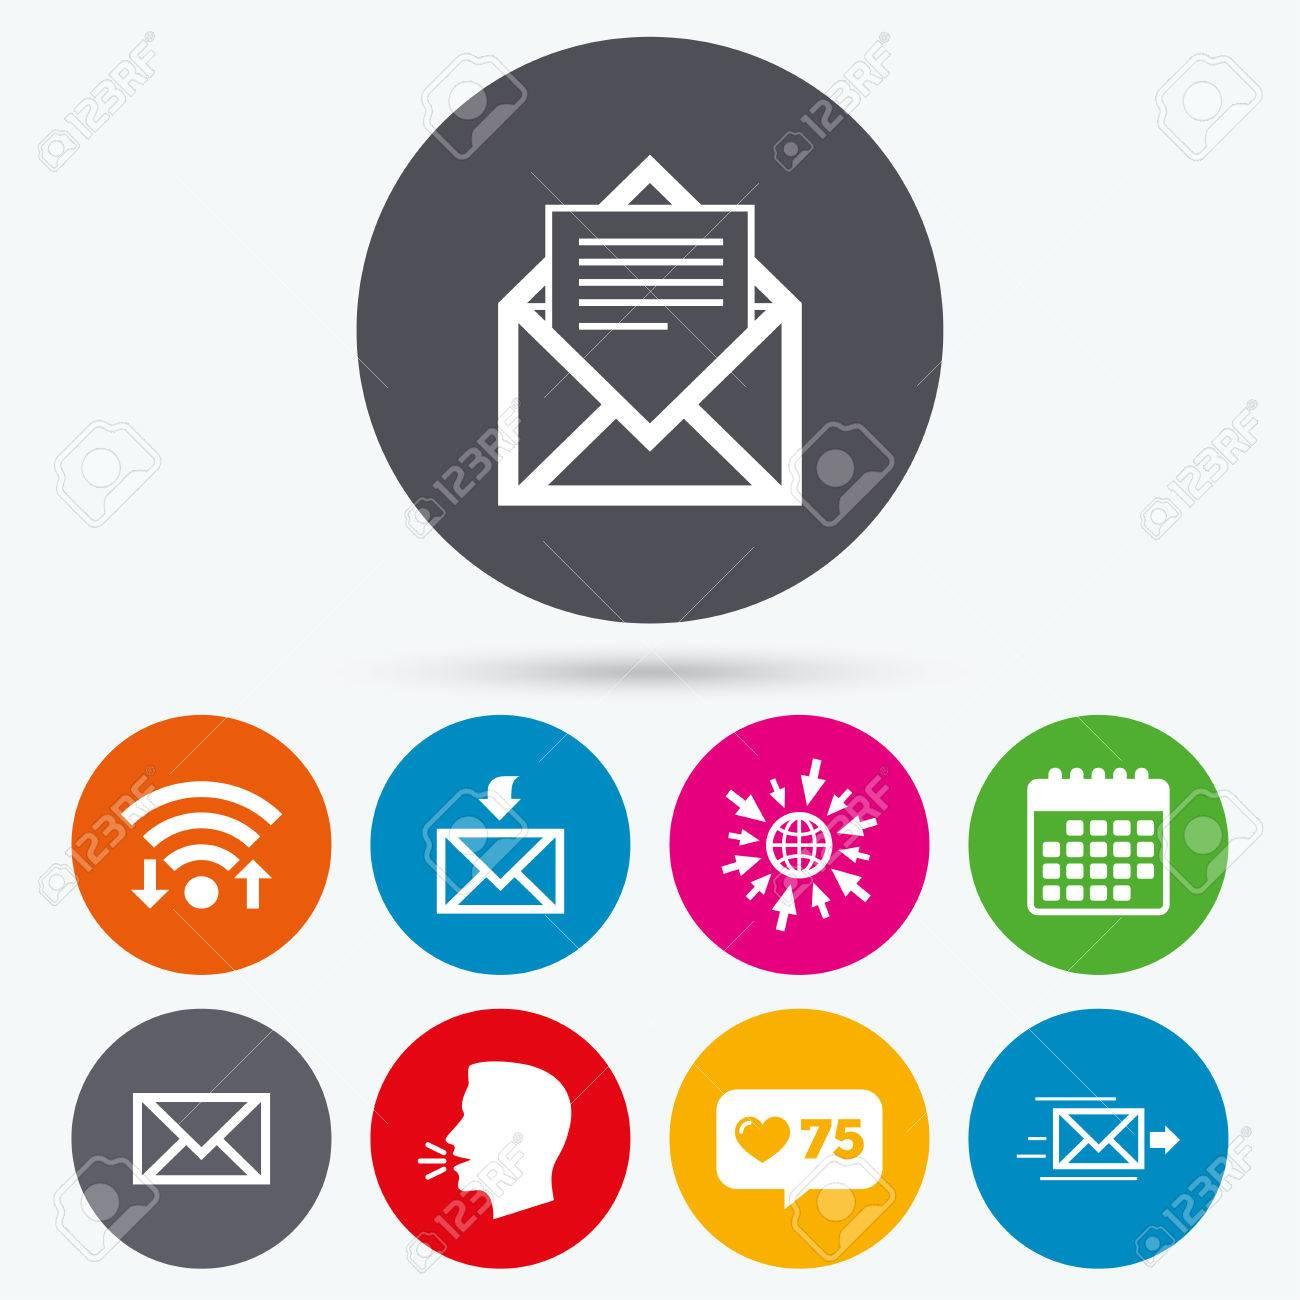 Courrier Et Calendrier.Wifi Comme Compteur Et Calendrier Icones Icones D Enveloppe De Courrier Message Symbole Document De Livraison Deposer Des Signes De Lettre De